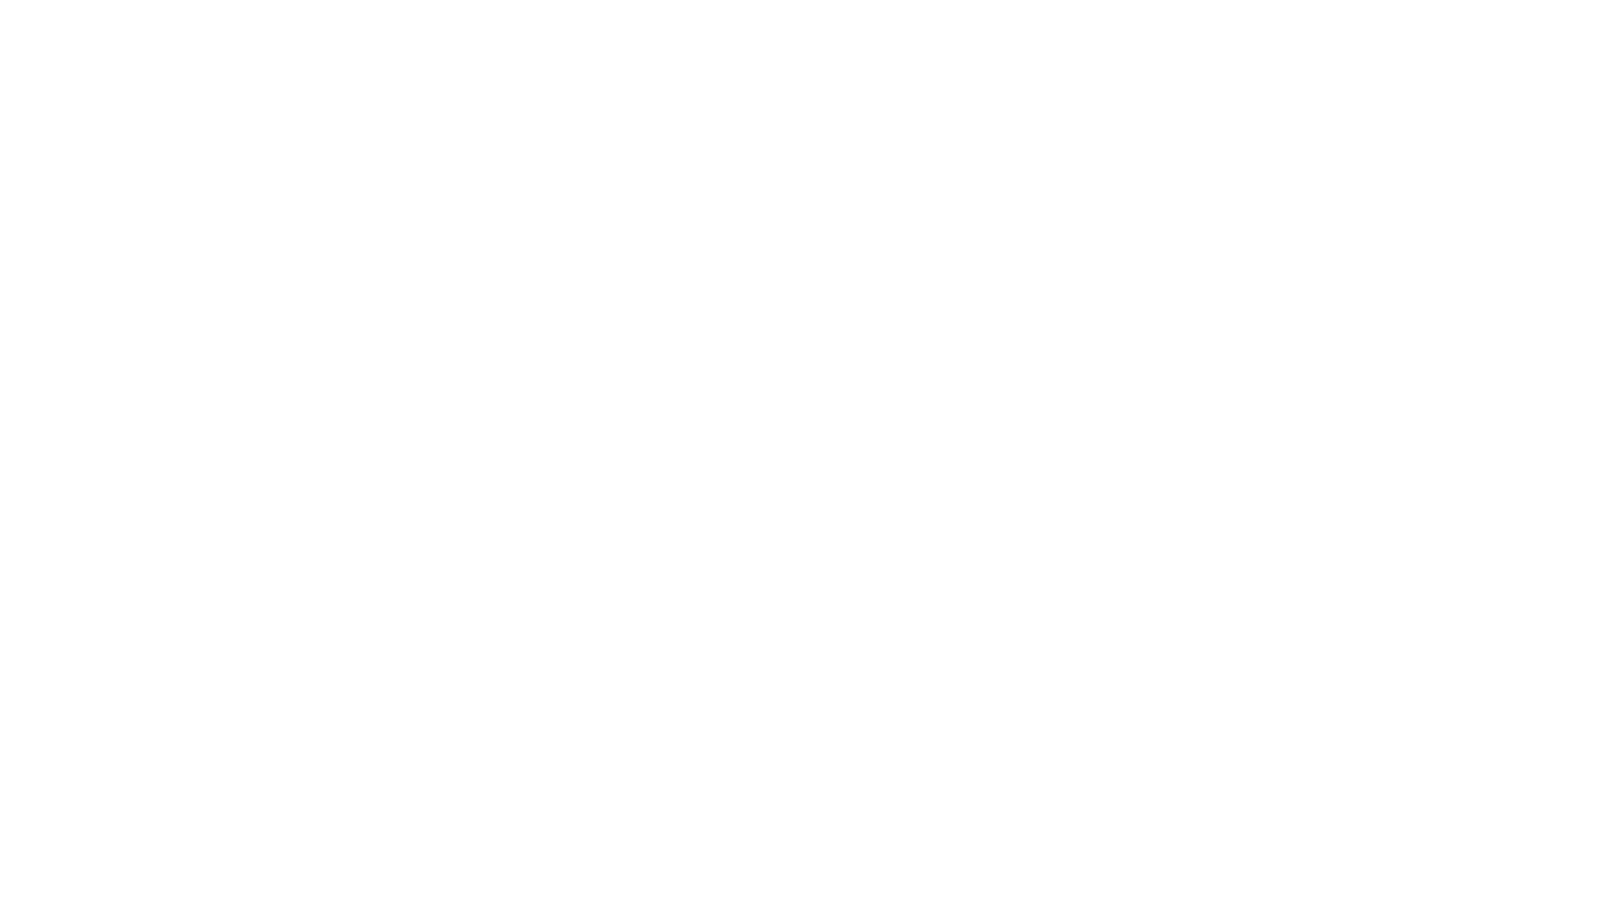 """Cái tên Tam giác quỷ Bermuda hay còn được gọi là Tam giác Quỷ lần đầu tiên được biết đến khi cái tên này được nhắc tới trong bài viết của Vincent Gaddis trên tạp chí """"Tàu buôn lớn"""". Trong bài viết này, hình ảnh tam giác quỷ Bermuda là một khu vực có  hình tam giác không cố định ở hướng Tây của phía Bắc Đại Tây Dương. Trong suốt nhiều năm, tại nơi này đã diễn ra vô số vụ biến mất bí ẩn của nhiều chuyến bay và tàu thuyền.....  💥Kênh YouTube Thư  Viện Bình Thuận xin trân trọng giới thiệu đến các bạn: 👉 Video giới thiệu sách hay. 👉 Video truyện cổ tích chọn lọc dành cho thiếu nhi.  👉 Video Văn hóa lễ hội, di tích lịch sử, danh lam thắng cảnh khắp mọi miền đất nước. Cùng rất nhiều video khác được chúng tôi dày công sưu tầm và chọn lọc. ➡️Các bạn đừng quên ĐĂNG KÝ KÊNH để theo dõi các Video mới nhất nhé. 📌Thư Viện Tỉnh Bình Thuận 📌Địa chỉ: 286 - 288 Trần Hưng Đạo, Phan Thiết, Bình Thuận. 📌Điện thoại: 02523 828 262 📌Website: www.thuvienbinhthuan.com.vn"""